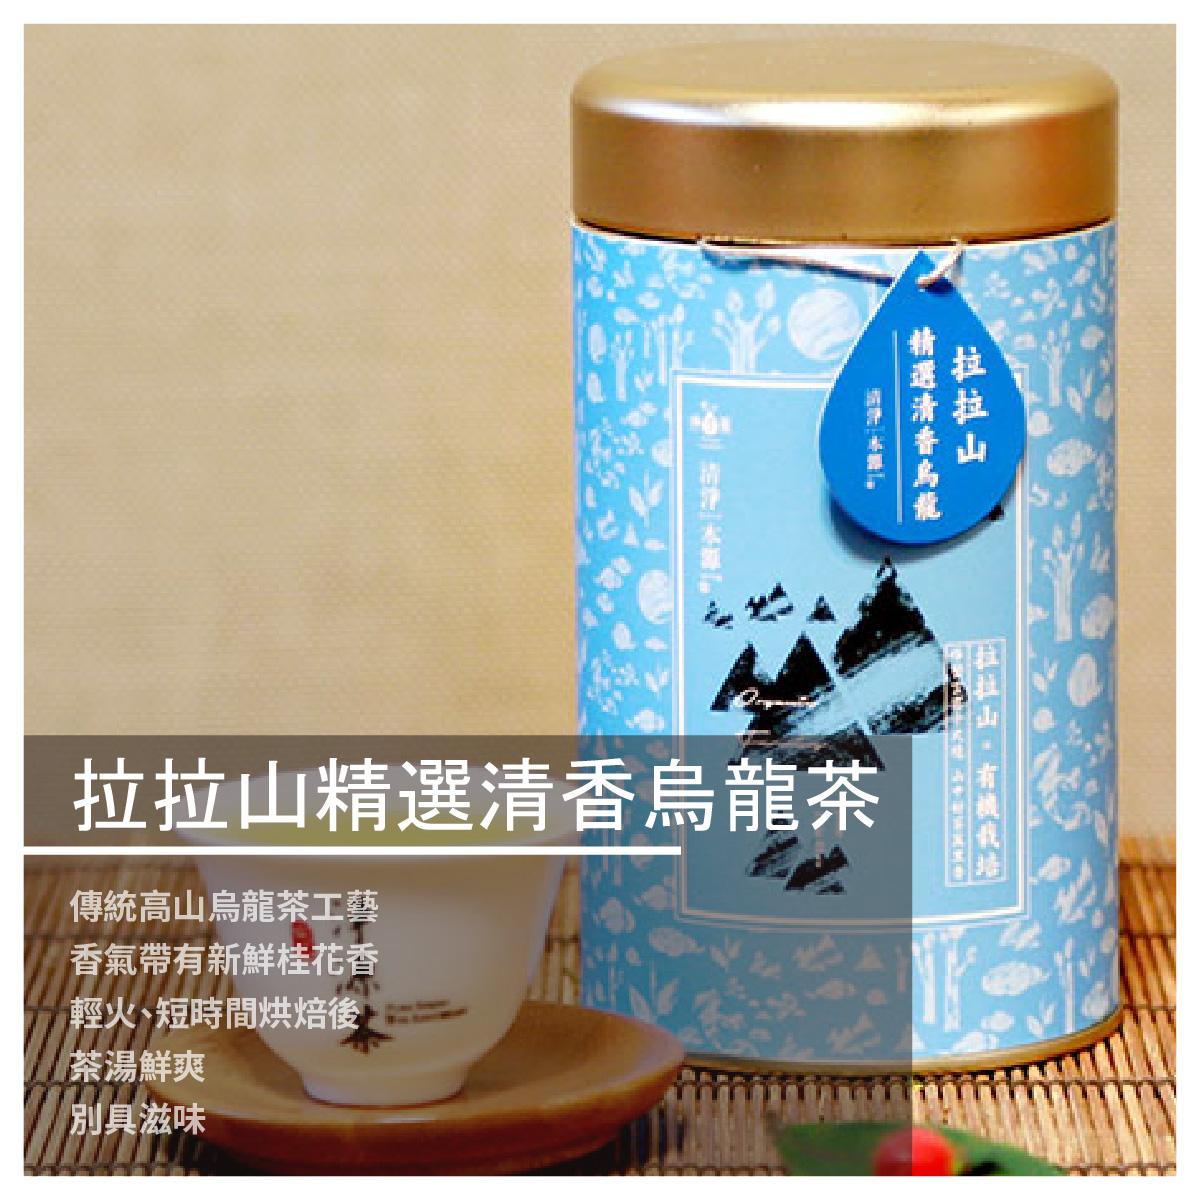 有機轉型期拉拉山精選清香烏龍茶/罐 商品介紹 半發酵 輕烘焙 以傳統高山烏龍茶工藝製作 香氣帶有新鮮桂花香 經輕火、短時間烘焙後 茶湯鮮爽、別具滋味 -------------------------